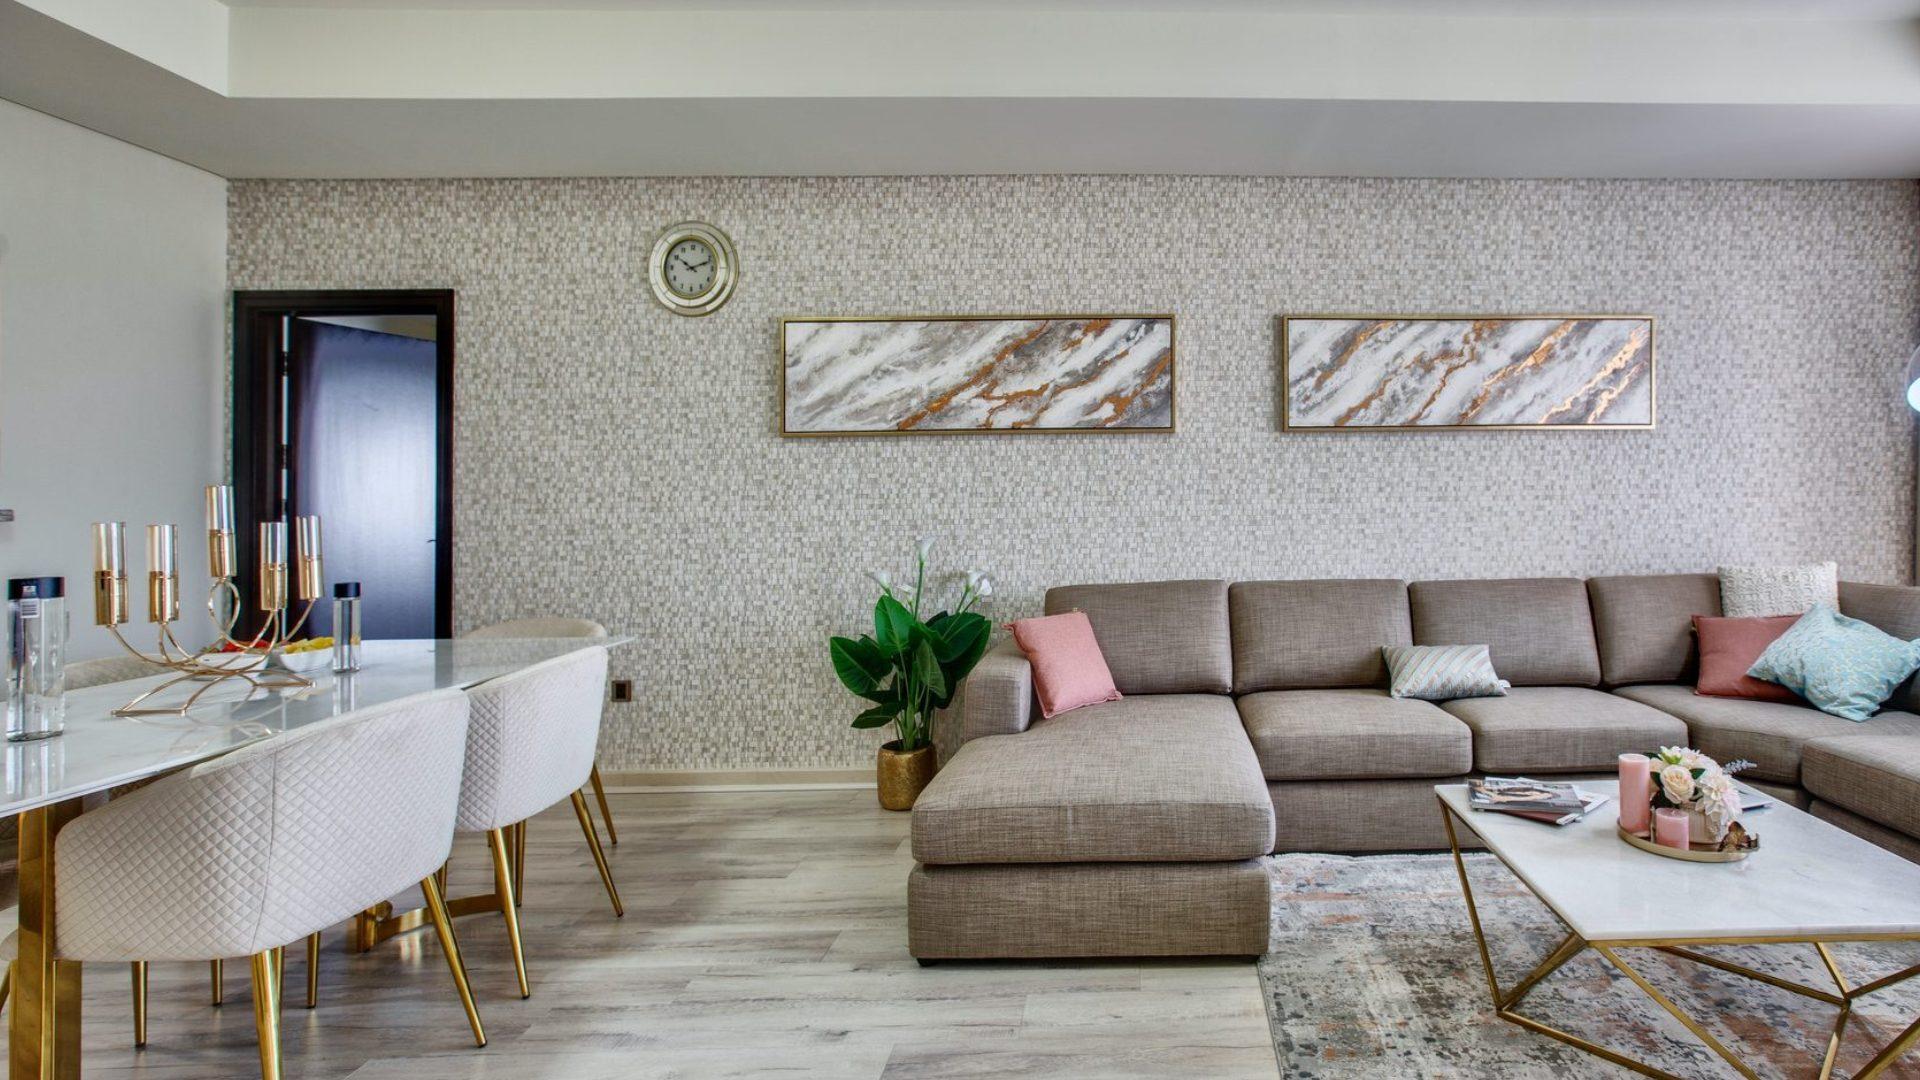 Adosado en venta en Dubai, EAU, 4 dormitorios, 770 m2, № 24471 – foto 5